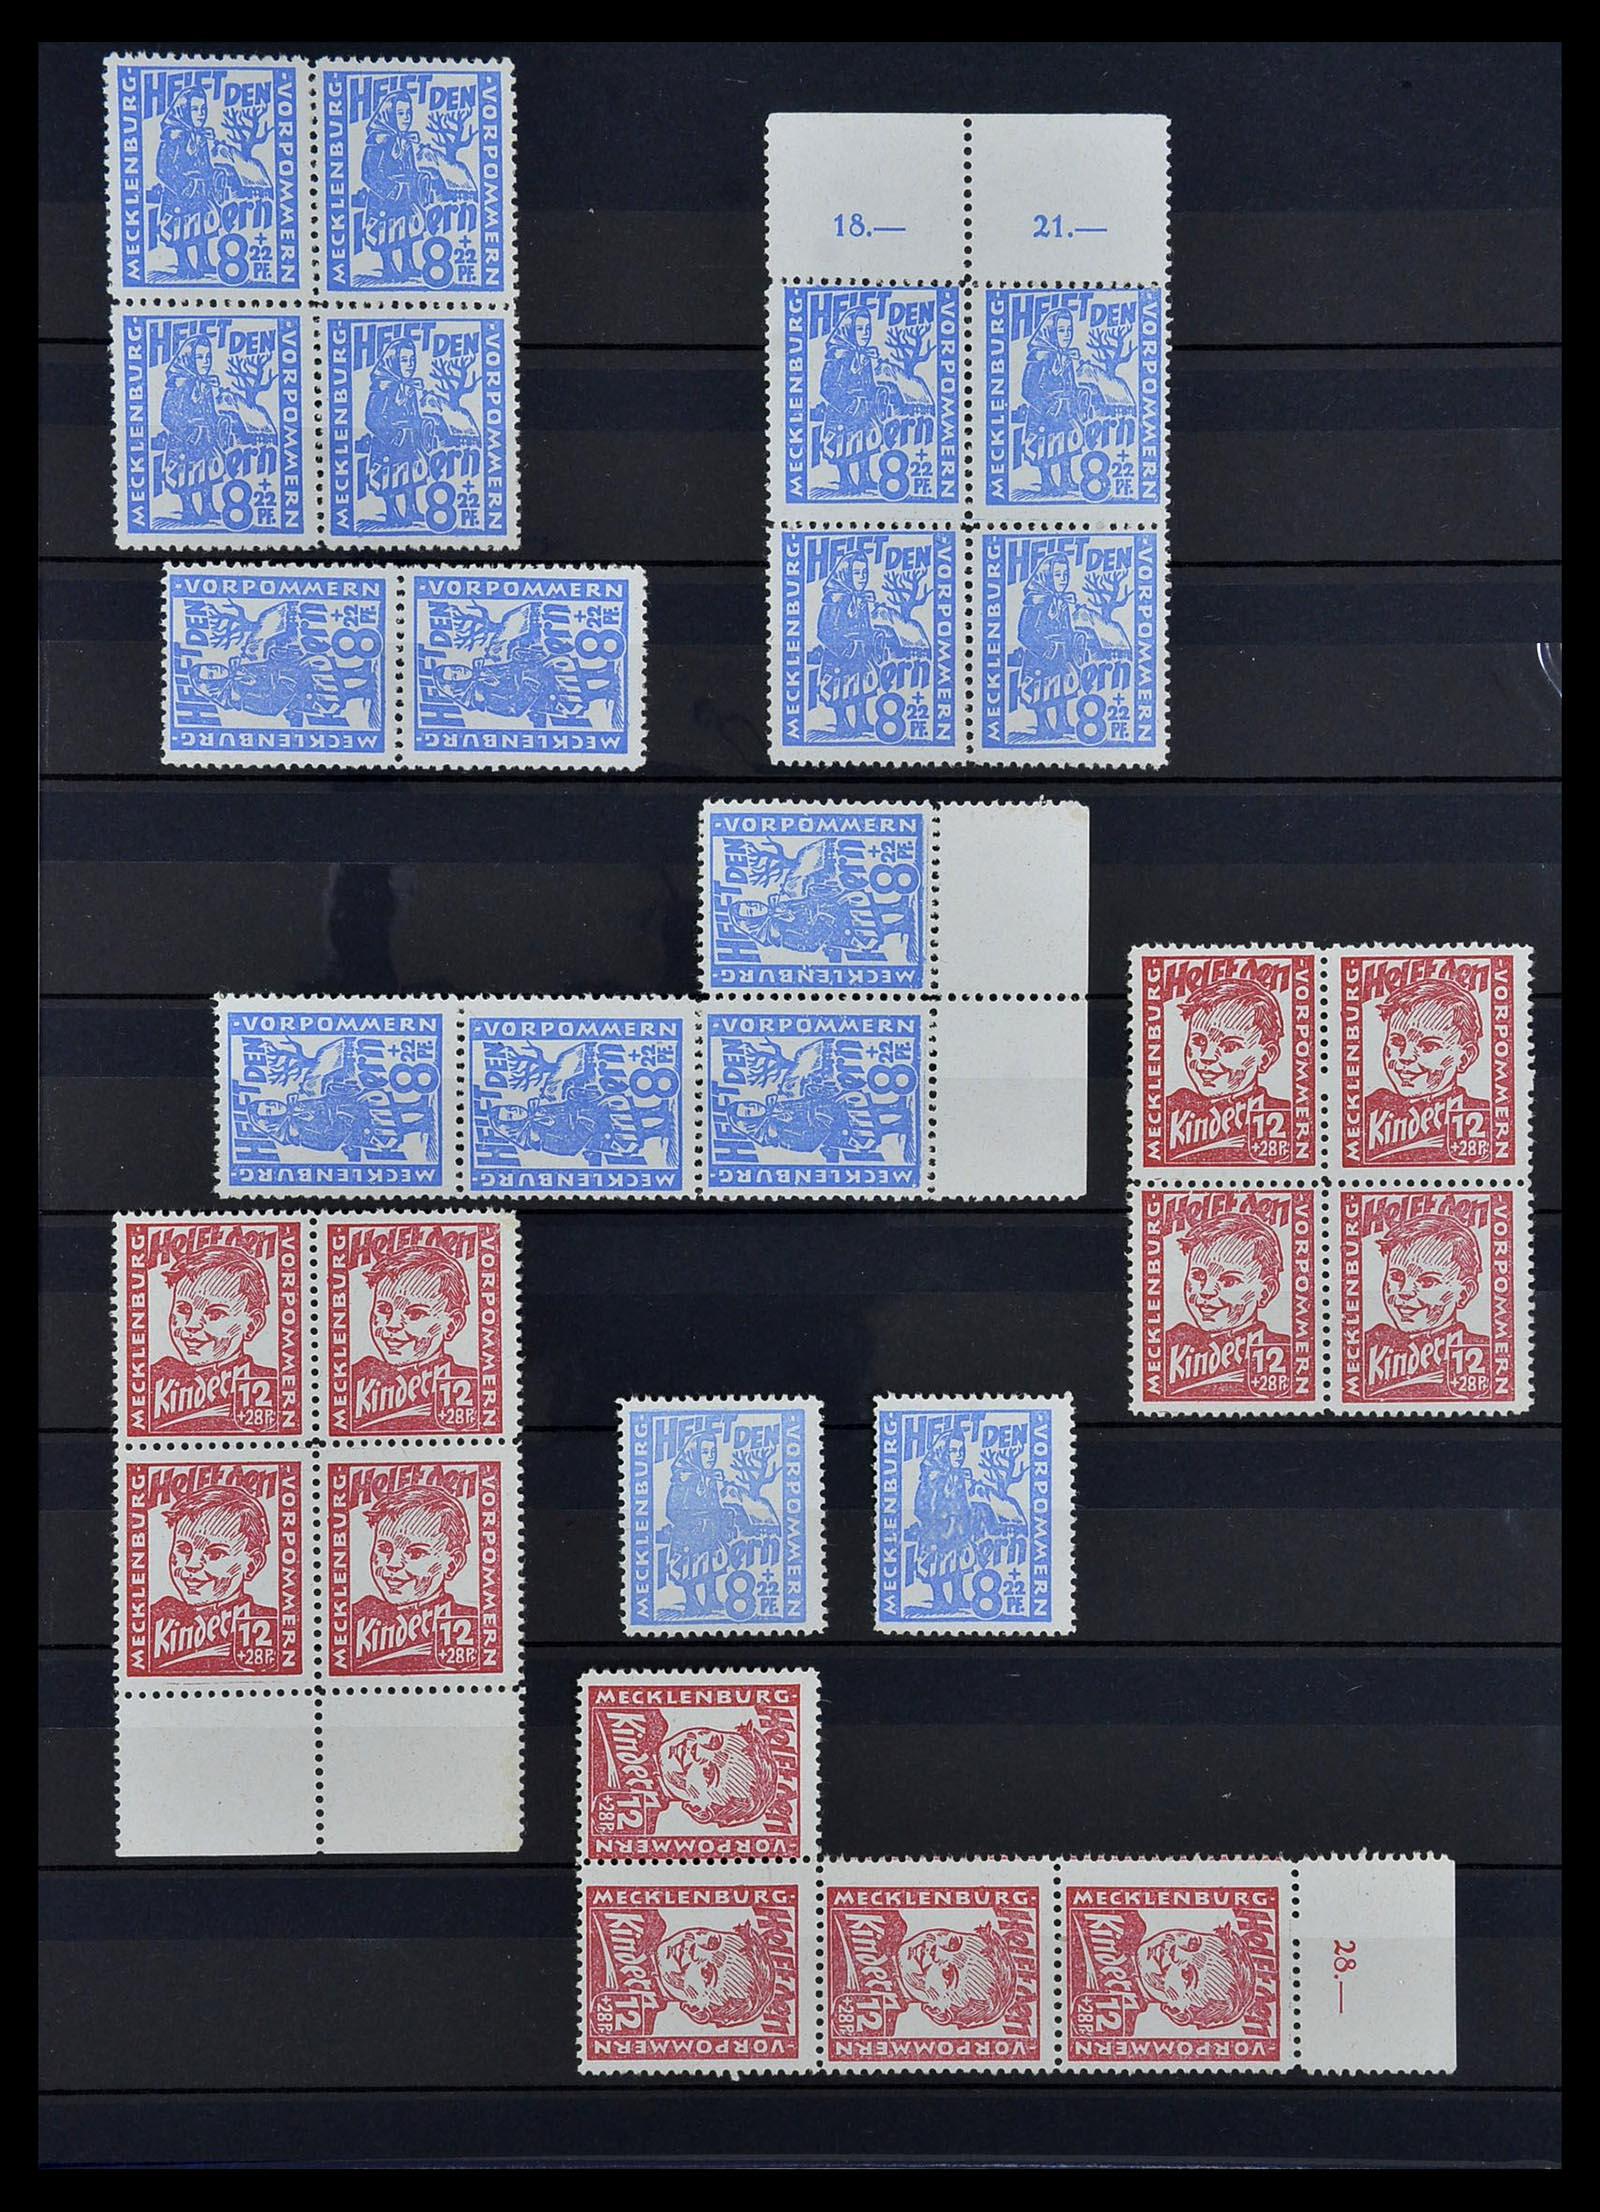 34039 009 - Postzegelverzameling 34039 Mecklenburg-Vorpommern 1945-1946.